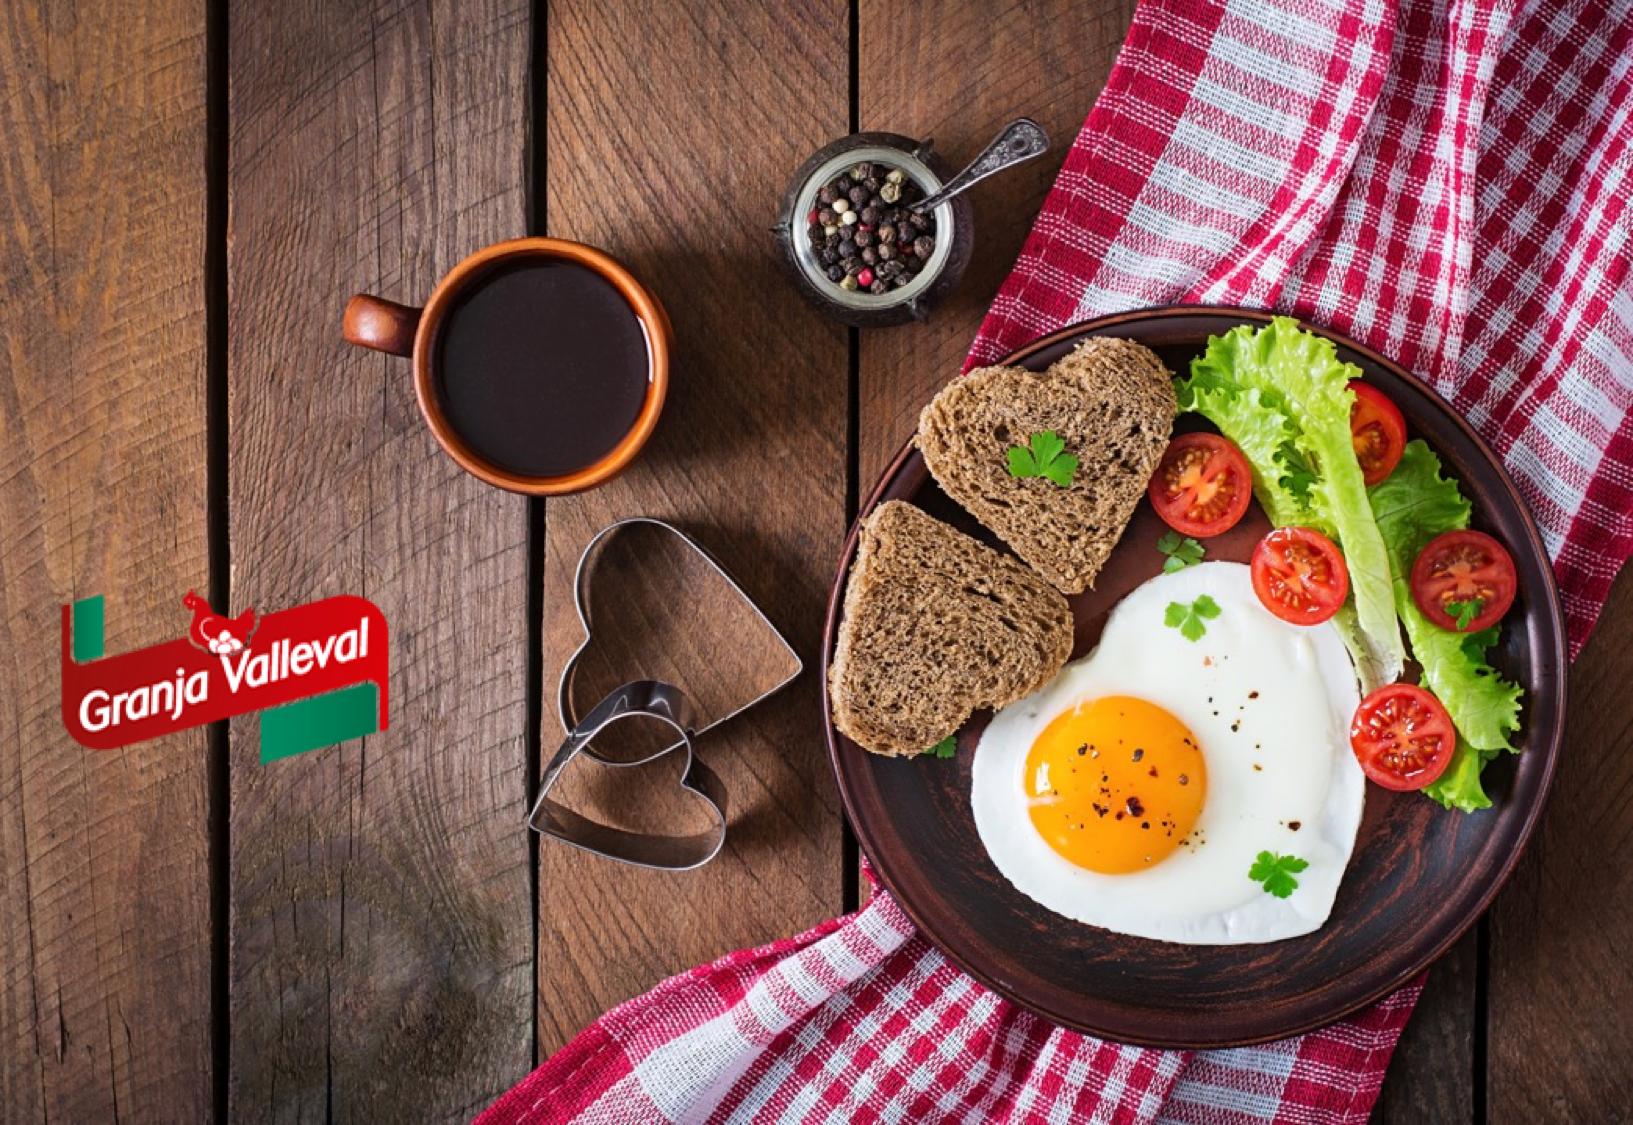 Mito colesterol-huevos